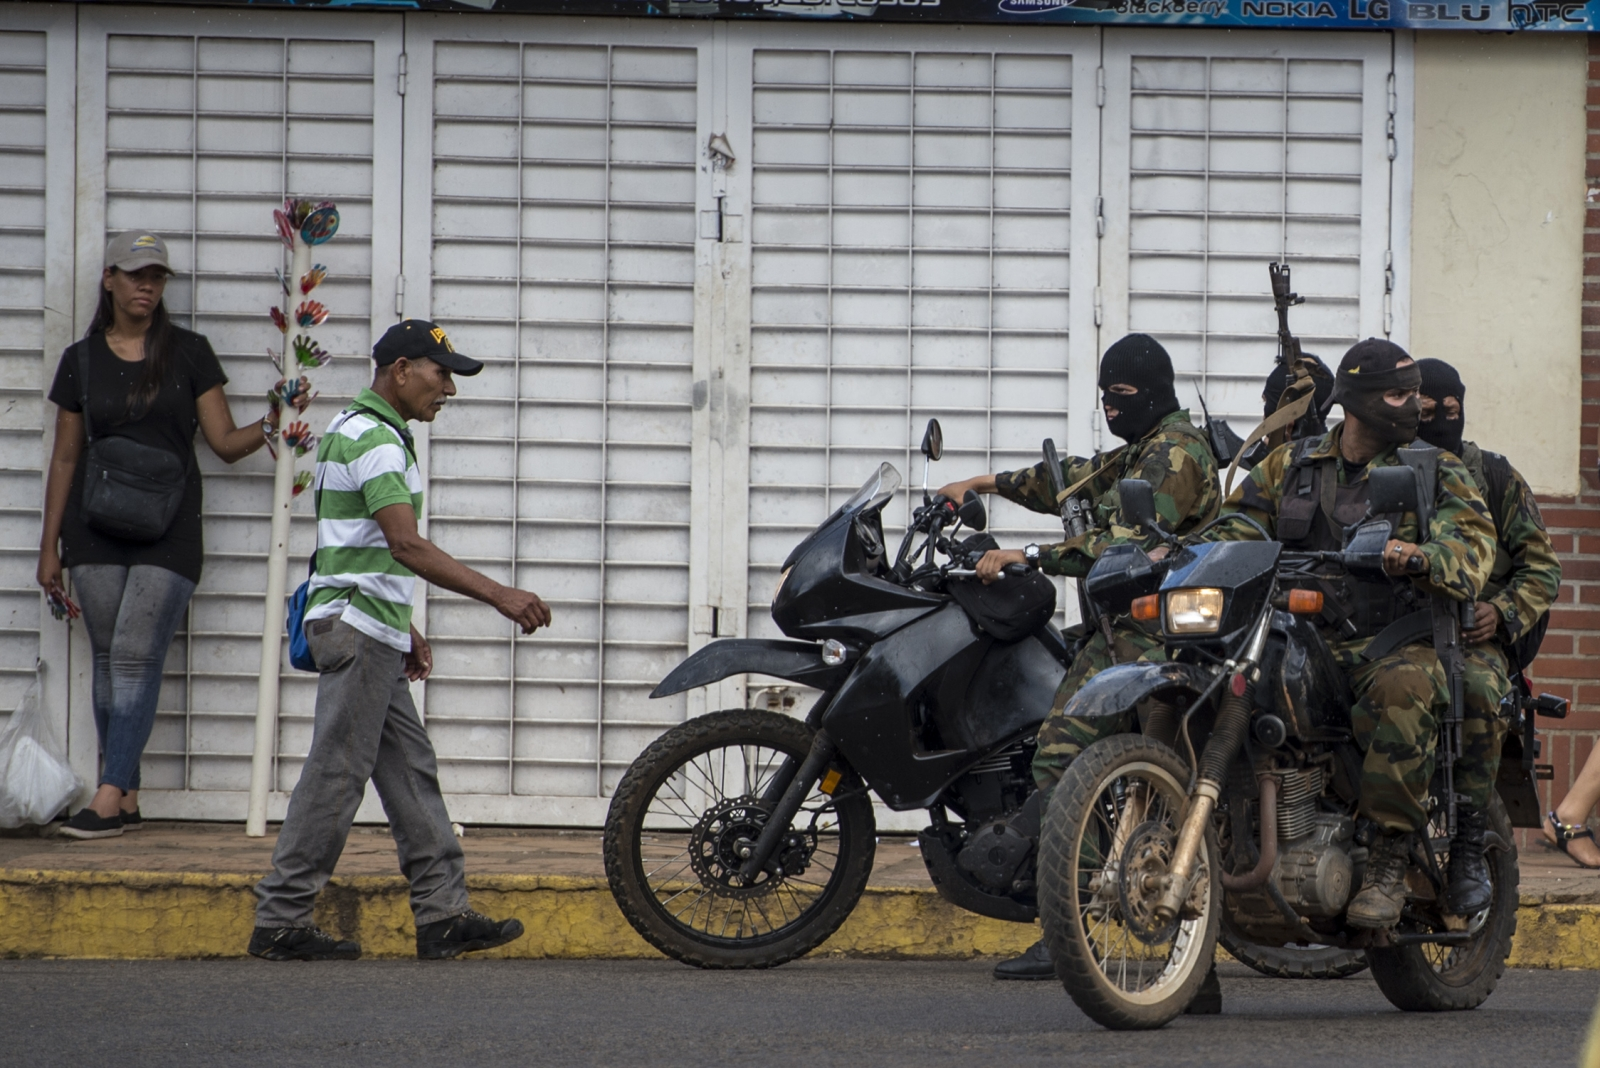 Venezuela soldiers